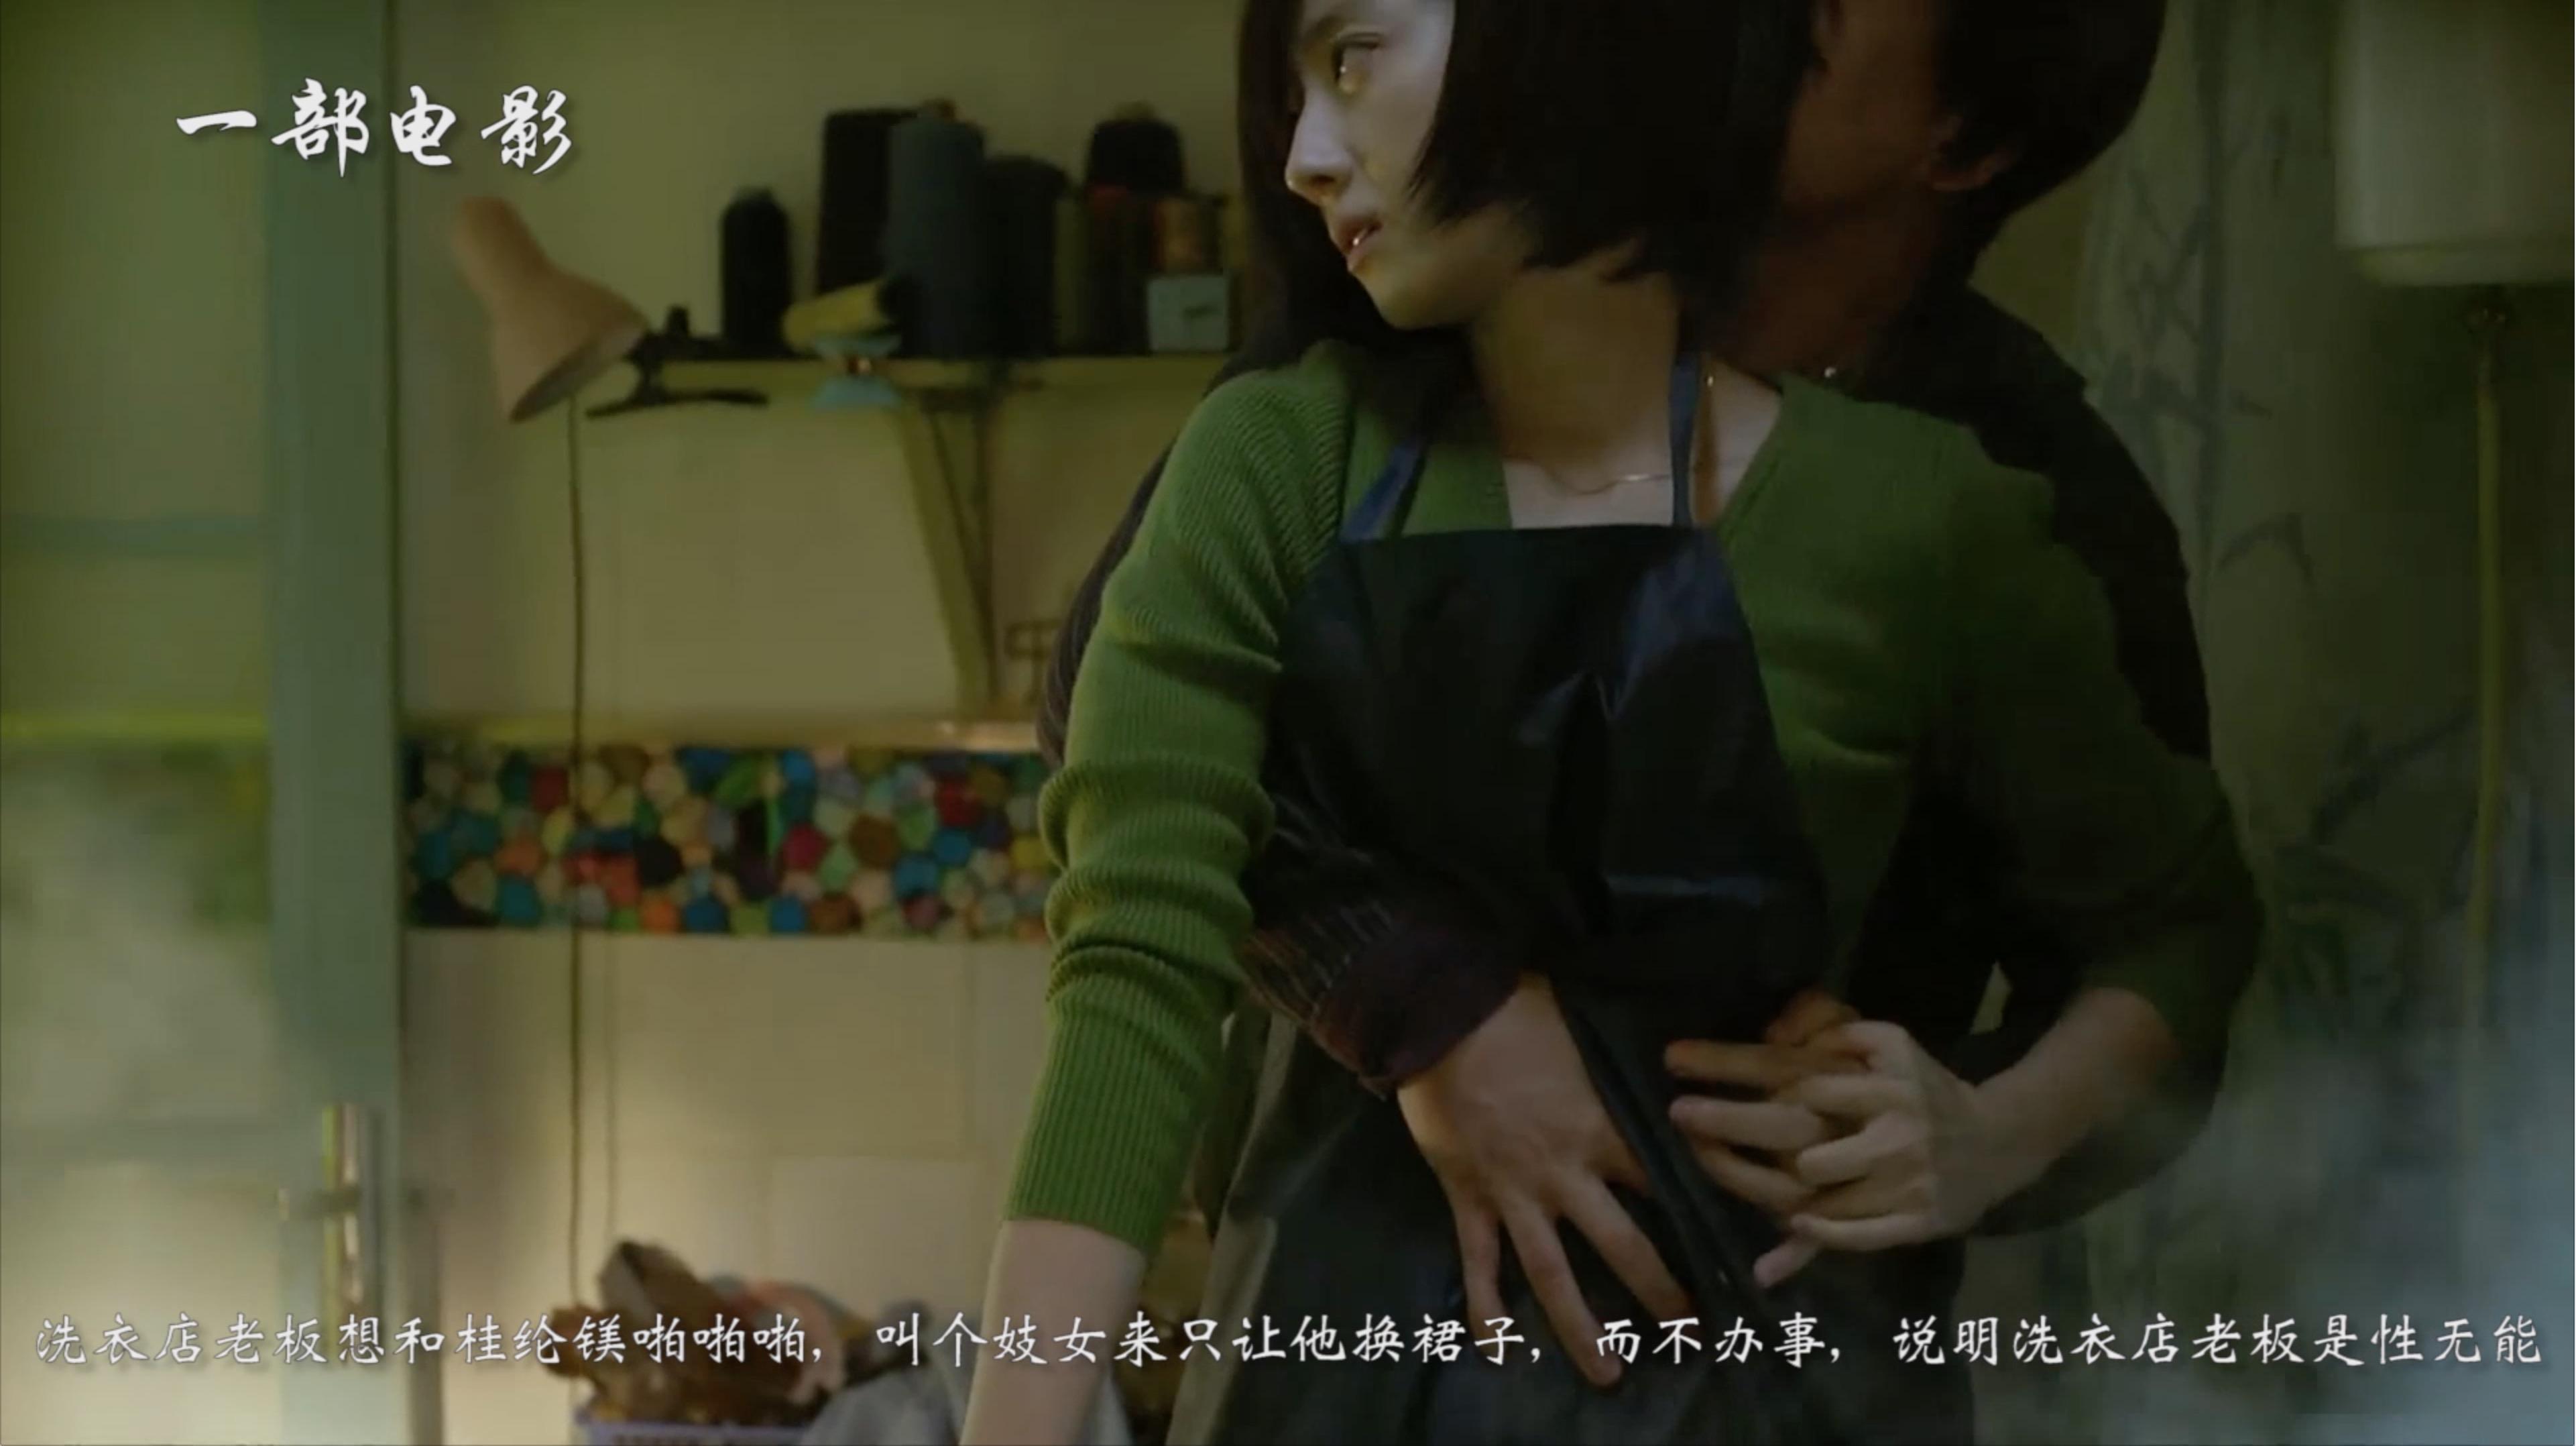 入逼电影_一部电影29期(桂纶镁被逼与人开房,未婚夫为爱杀人最终惨死)